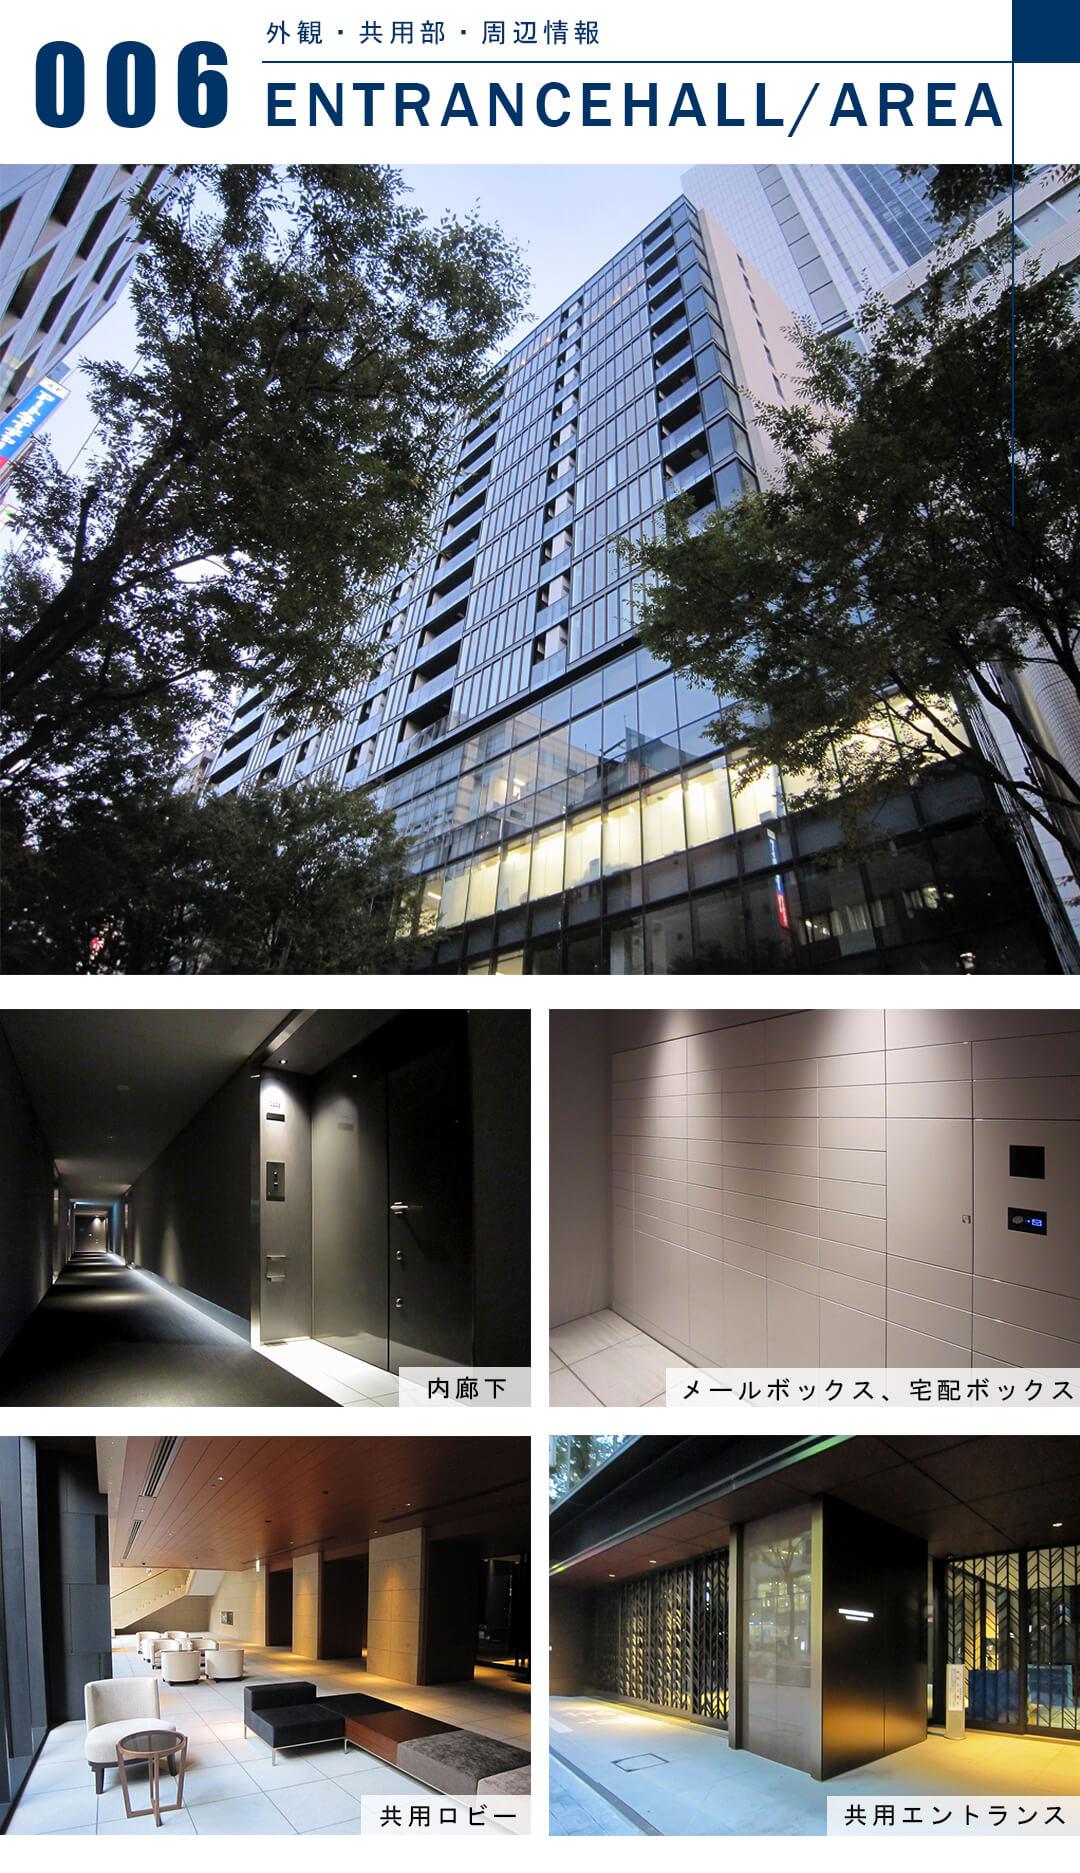 宮益坂ビルディング ザ・渋谷レジデンスの外観と共用部